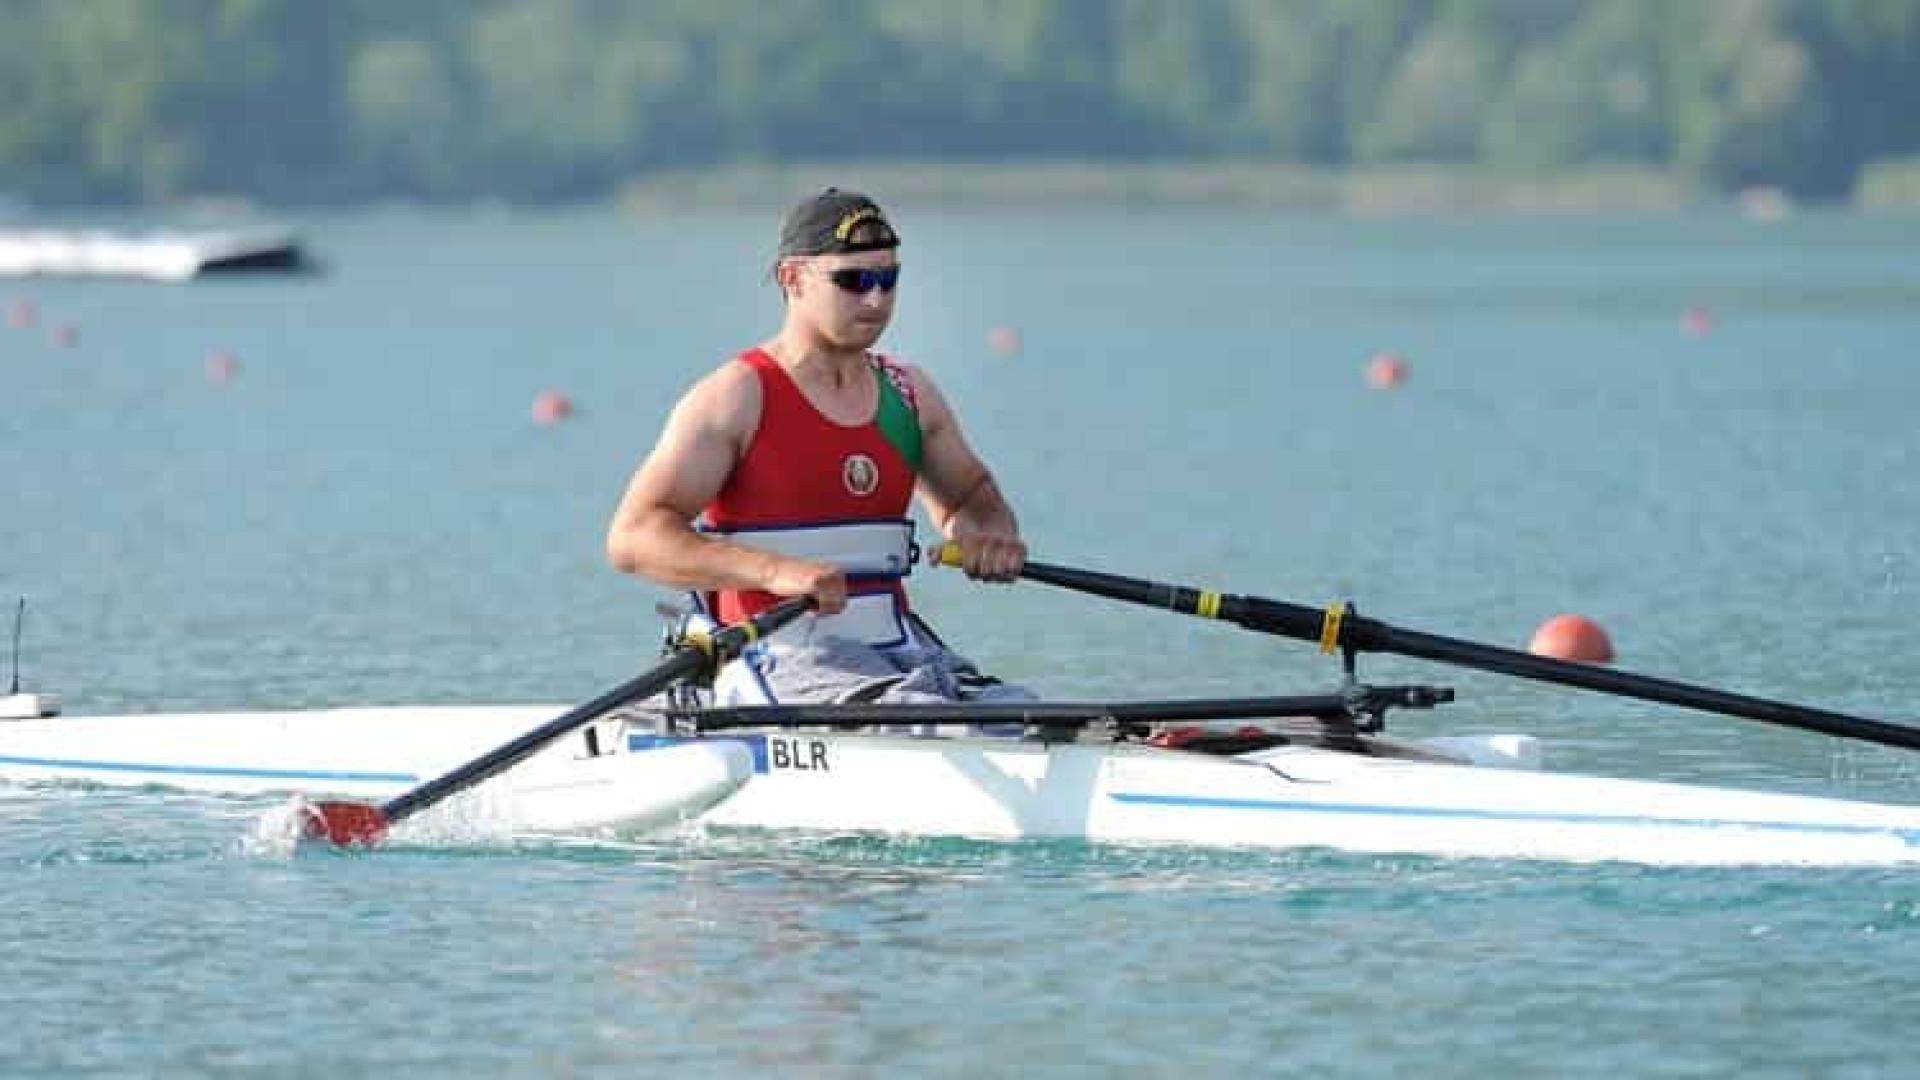 Para-remador morre após barco virar em treino para o Mundial